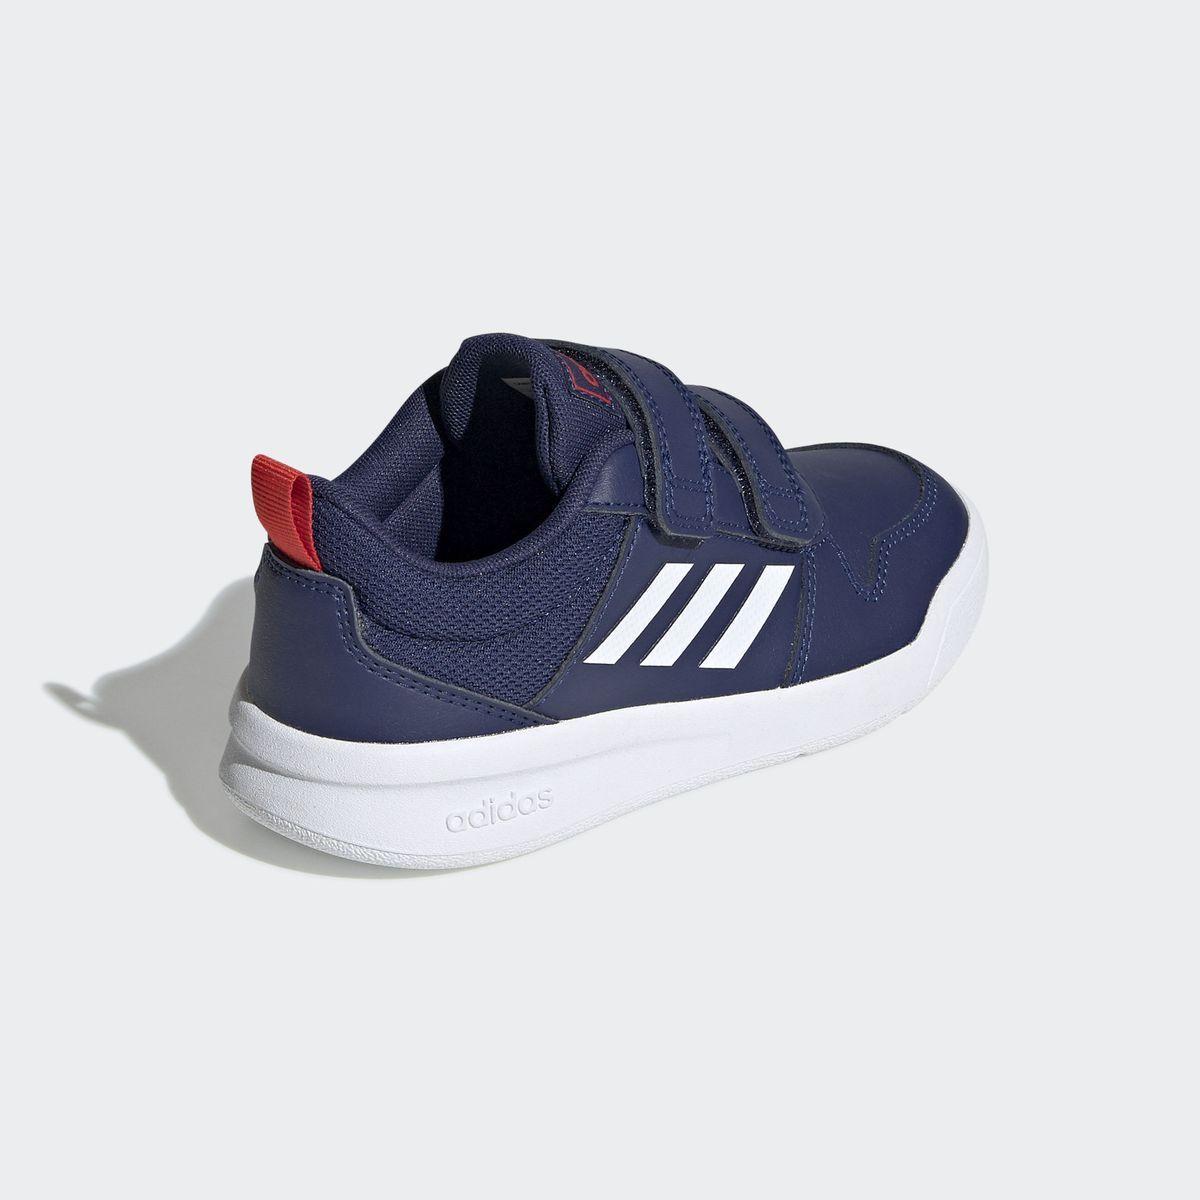 chaussure fille enfant 31 adidas et 2